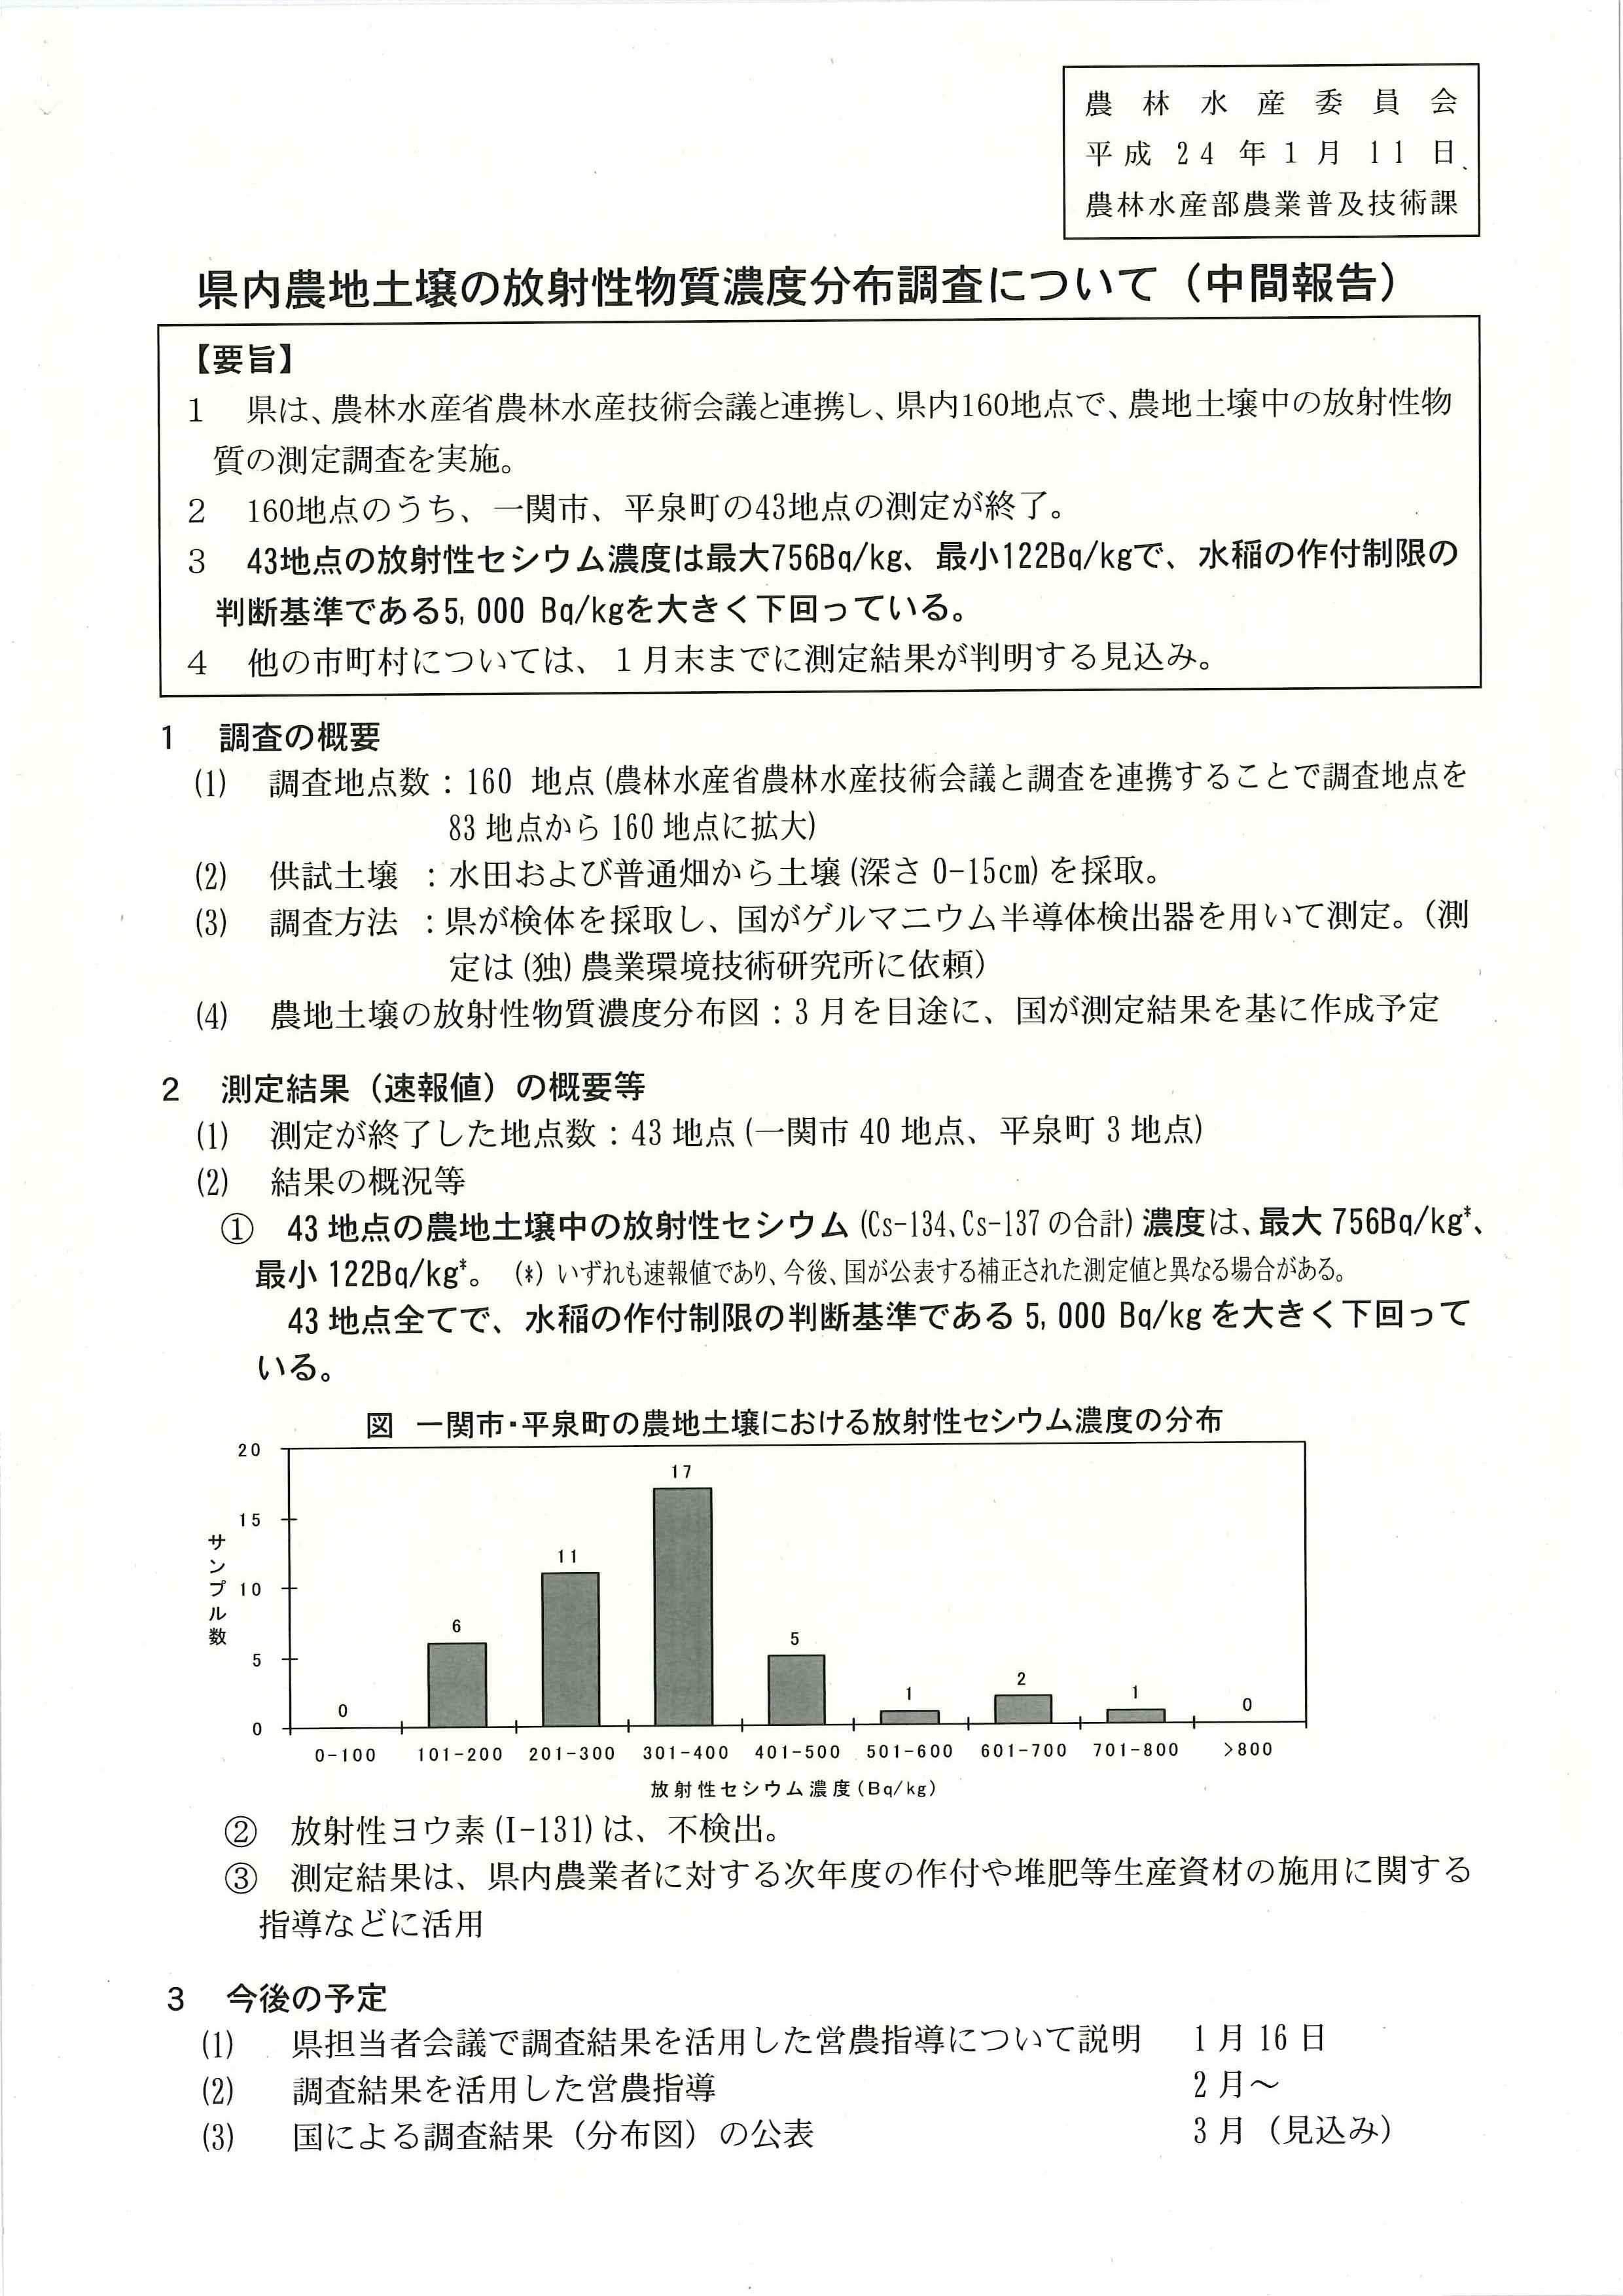 岩手県内農地土壌の放射性物質濃度分布調査について(中間報告)_b0199244_22581717.jpg